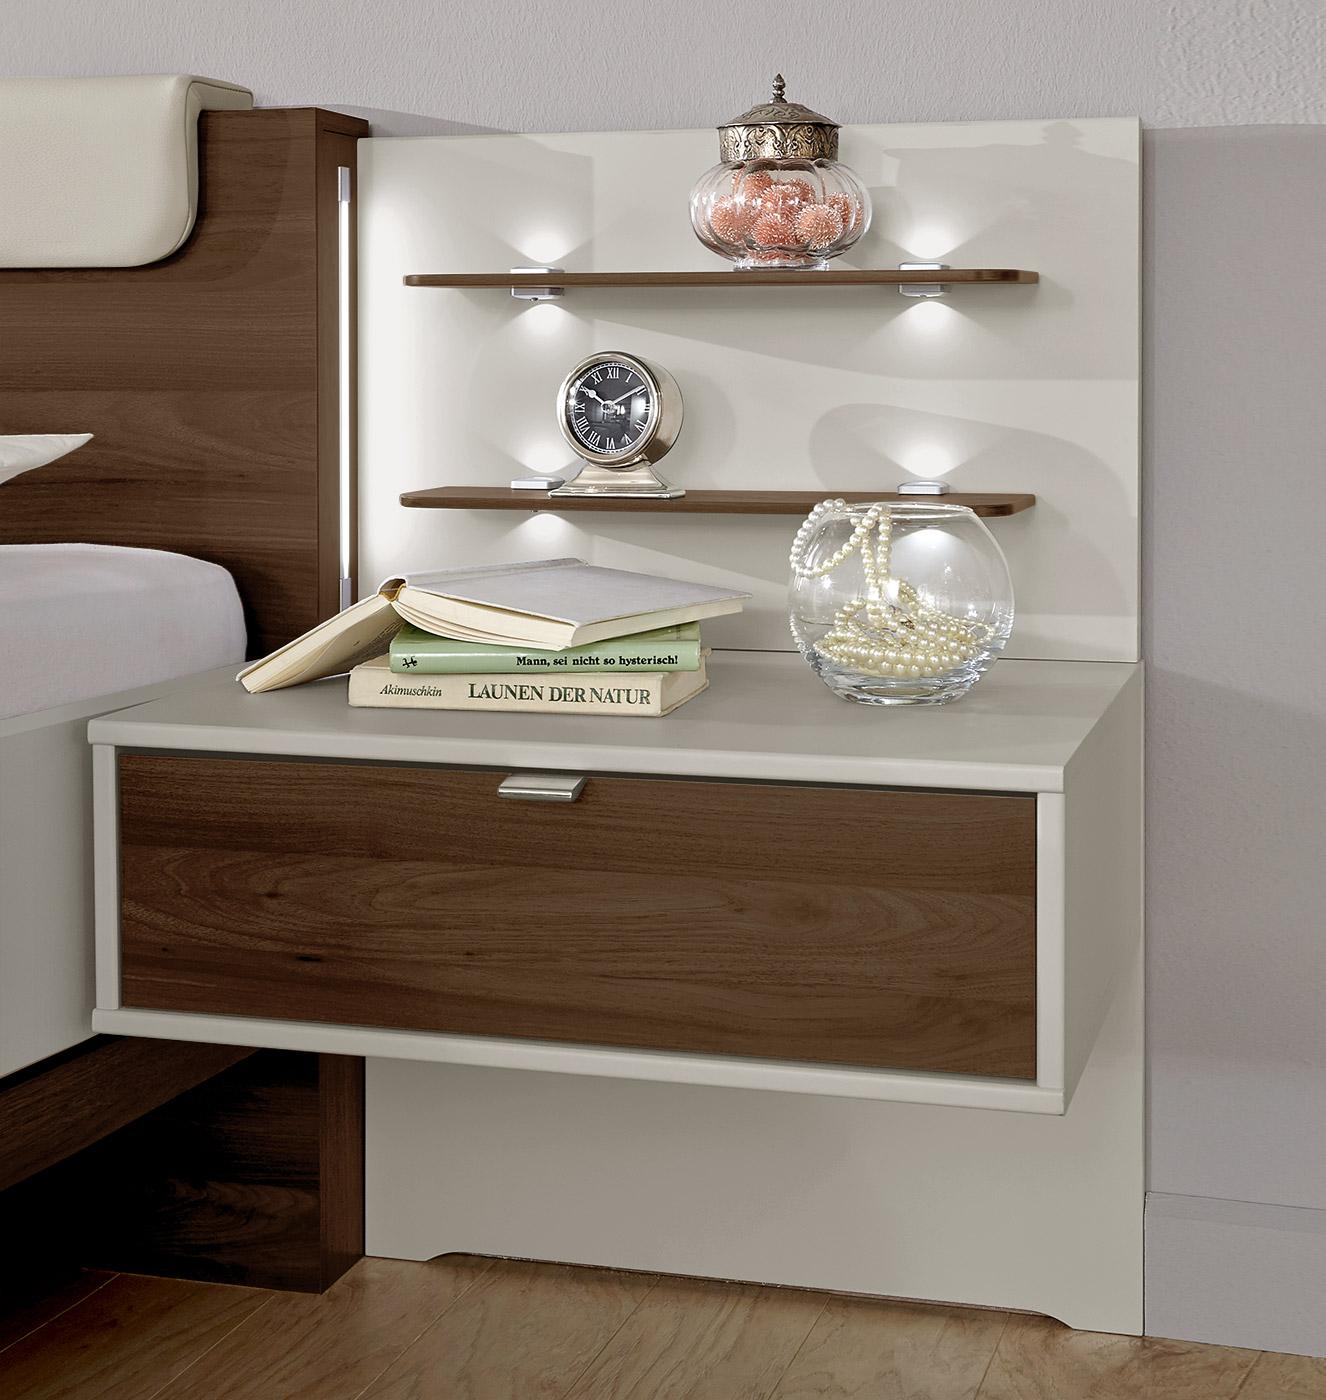 moderner schubladen nachttisch f r schweberahmenbett patiala. Black Bedroom Furniture Sets. Home Design Ideas